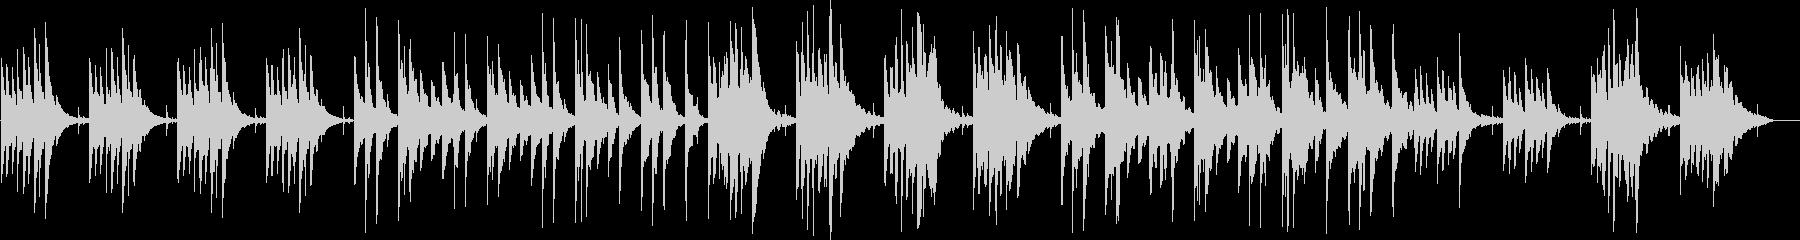 静かなピアノのリラクゼーション曲の未再生の波形